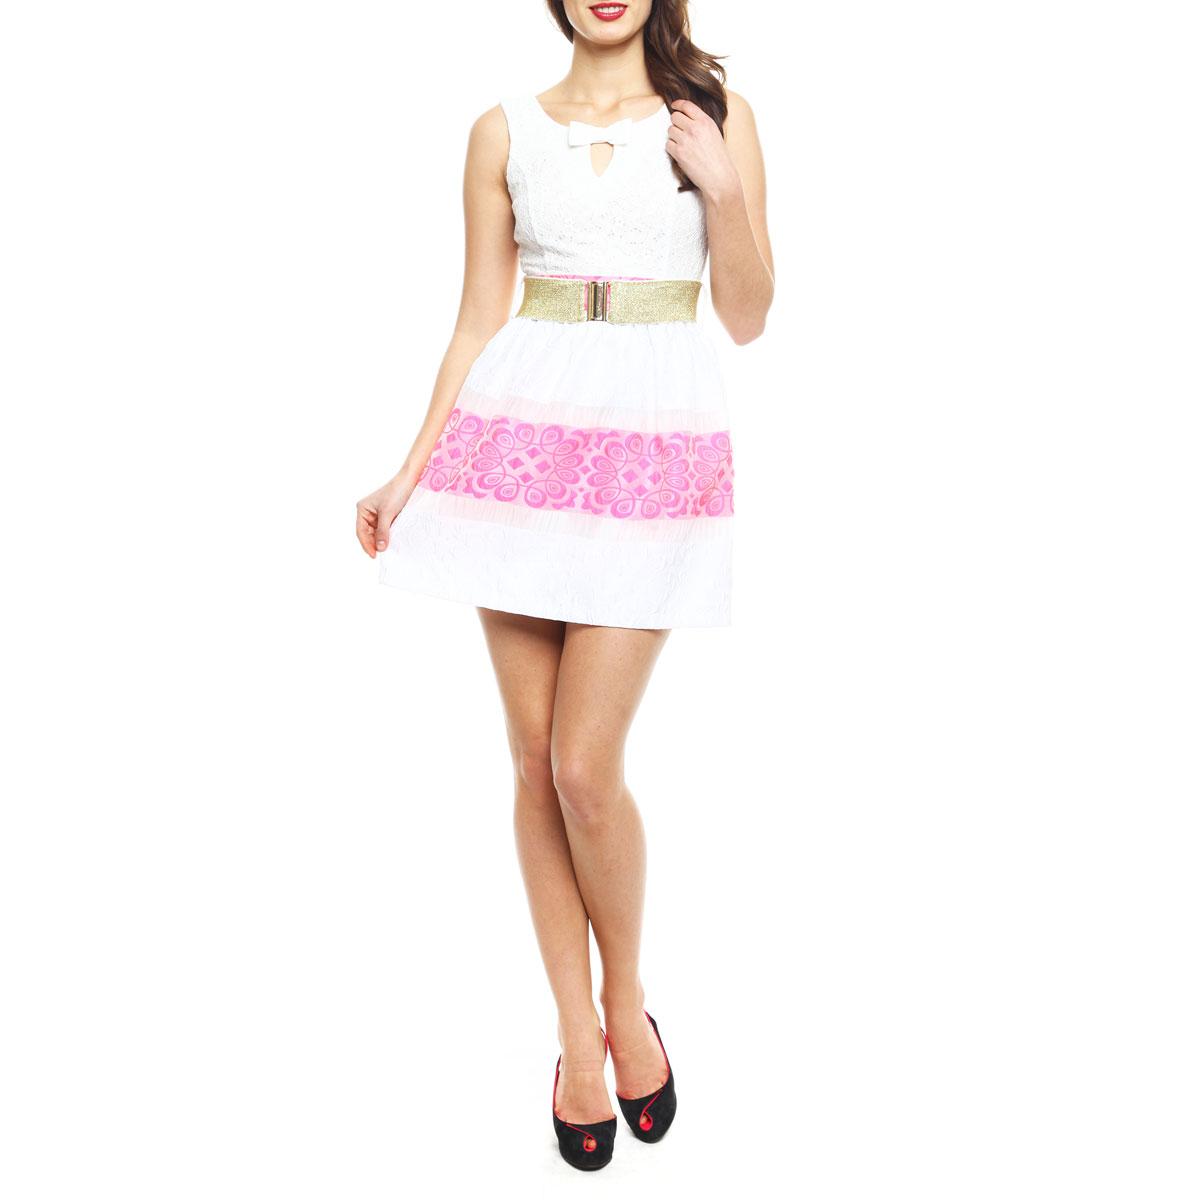 Платье Topsandtops, цвет: белый, розовый. 8074-150126TT white-neon pink. Размер 38 (44)8074-150126TT white-neon pinkЭффектное платье Topsandtops, изготовленное из высококачественного материала, придется по душе любой моднице. Модель на широких бретелях с круглым вырезом горловины застегивается на потайную застежку-молнию, расположенную в боковом шве. Платье приталенного кроя с пышной юбкой идеально сядет на любую фигуру. Линия талии подчеркнута поясом-резинкой, входящим в комплект. Верхняя часть платья выполнена из нежного гипюра. Спереди лиф оформлен V-образным вырезом на груди и кокетливым бантиком. На спинке - оригинальный вырез с двумя перемычками, также декорированными бантами. Юбка с фактурным узором имеет полупрозрачные вставки и выполнена в сочетании двух контрастных цветов. Юбка дополнена приятной подкладочной тканью. Яркое платье - идеальный вариант для создания незабываемого образа.